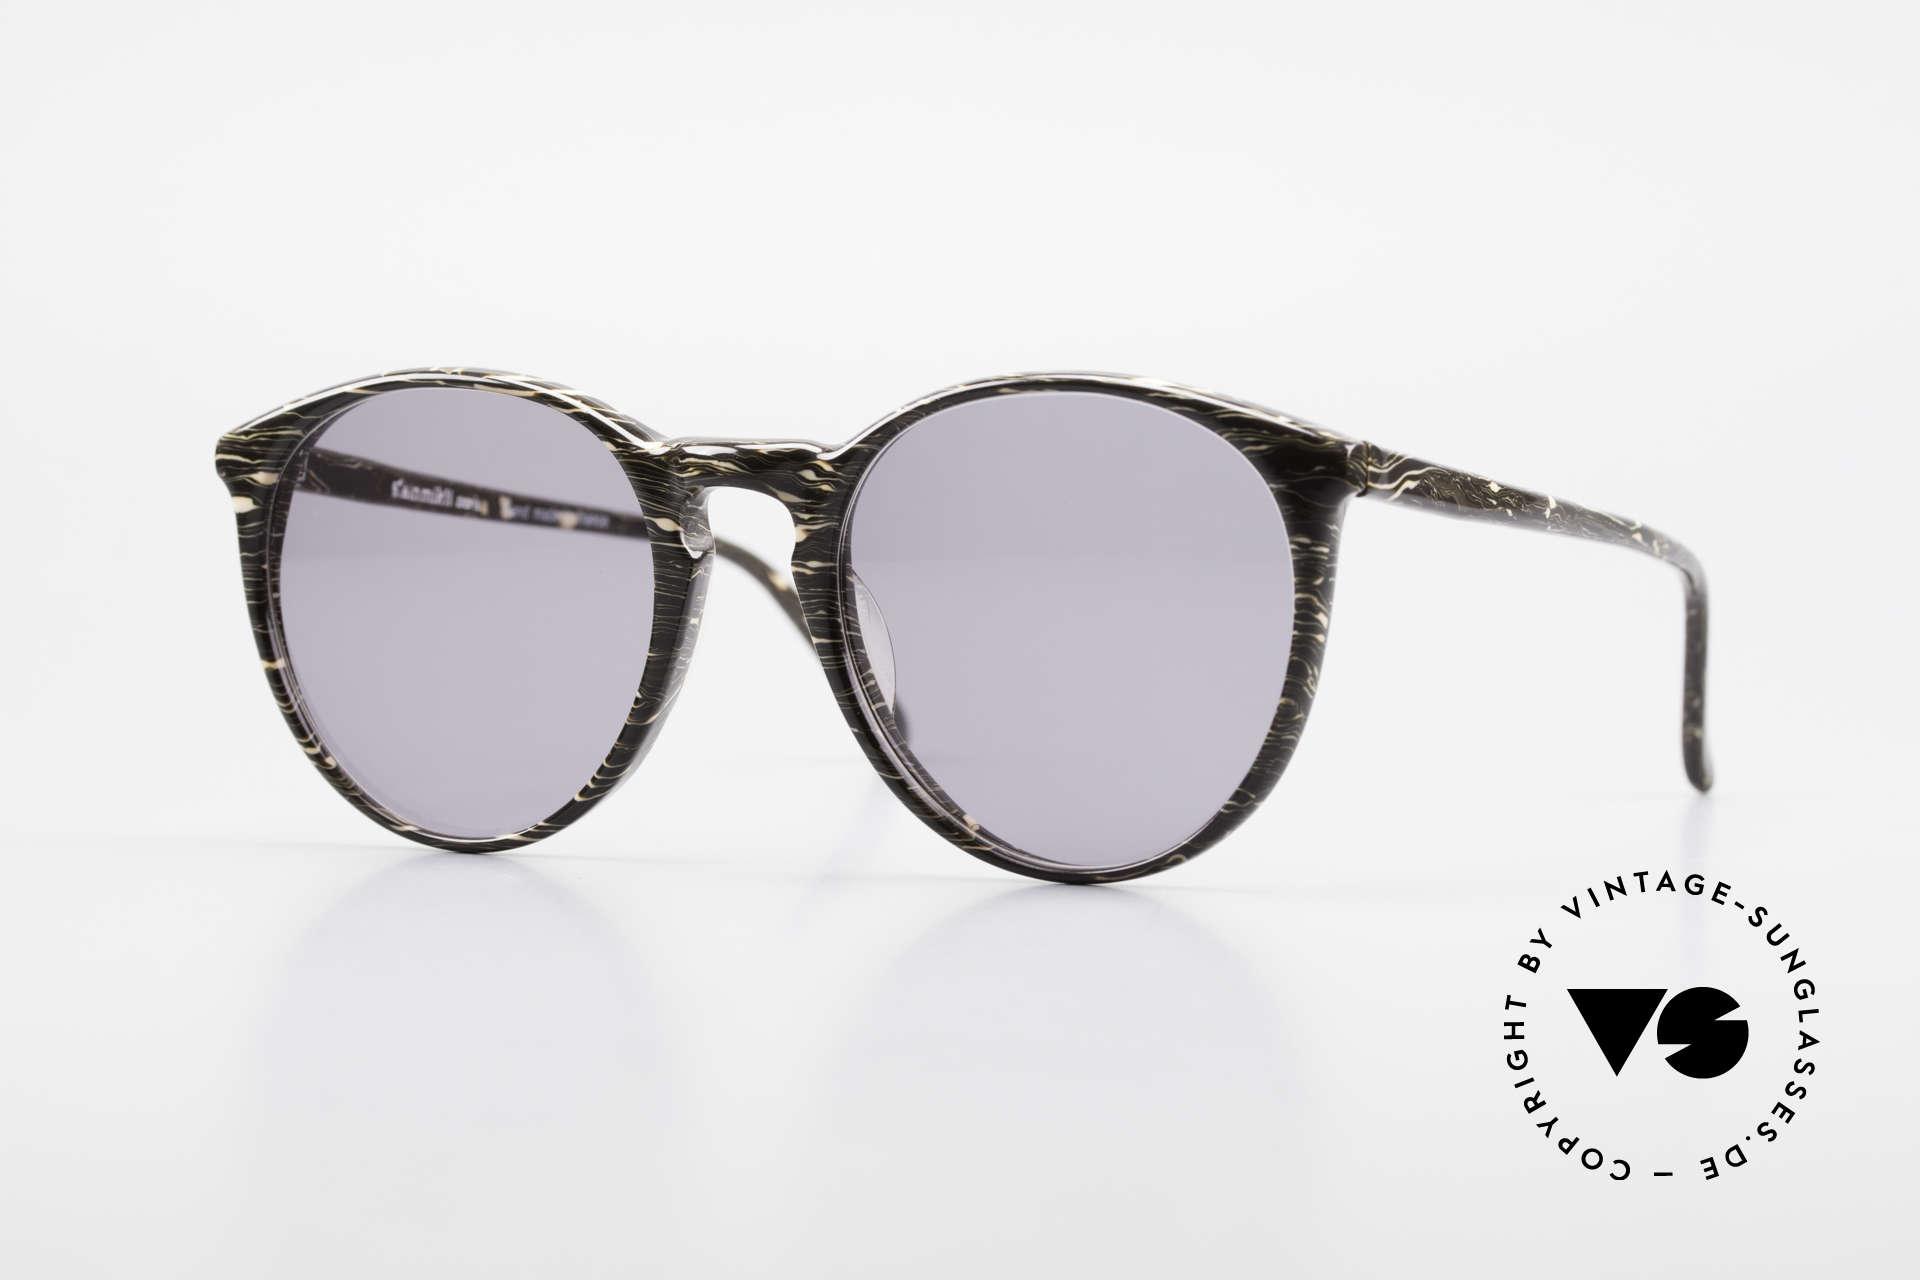 Alain Mikli 901 / 429 Panto Brille Braun Marmoriert, elegante ALAIN MIKLI Paris Designer-Sonnenbrille, Passend für Herren und Damen